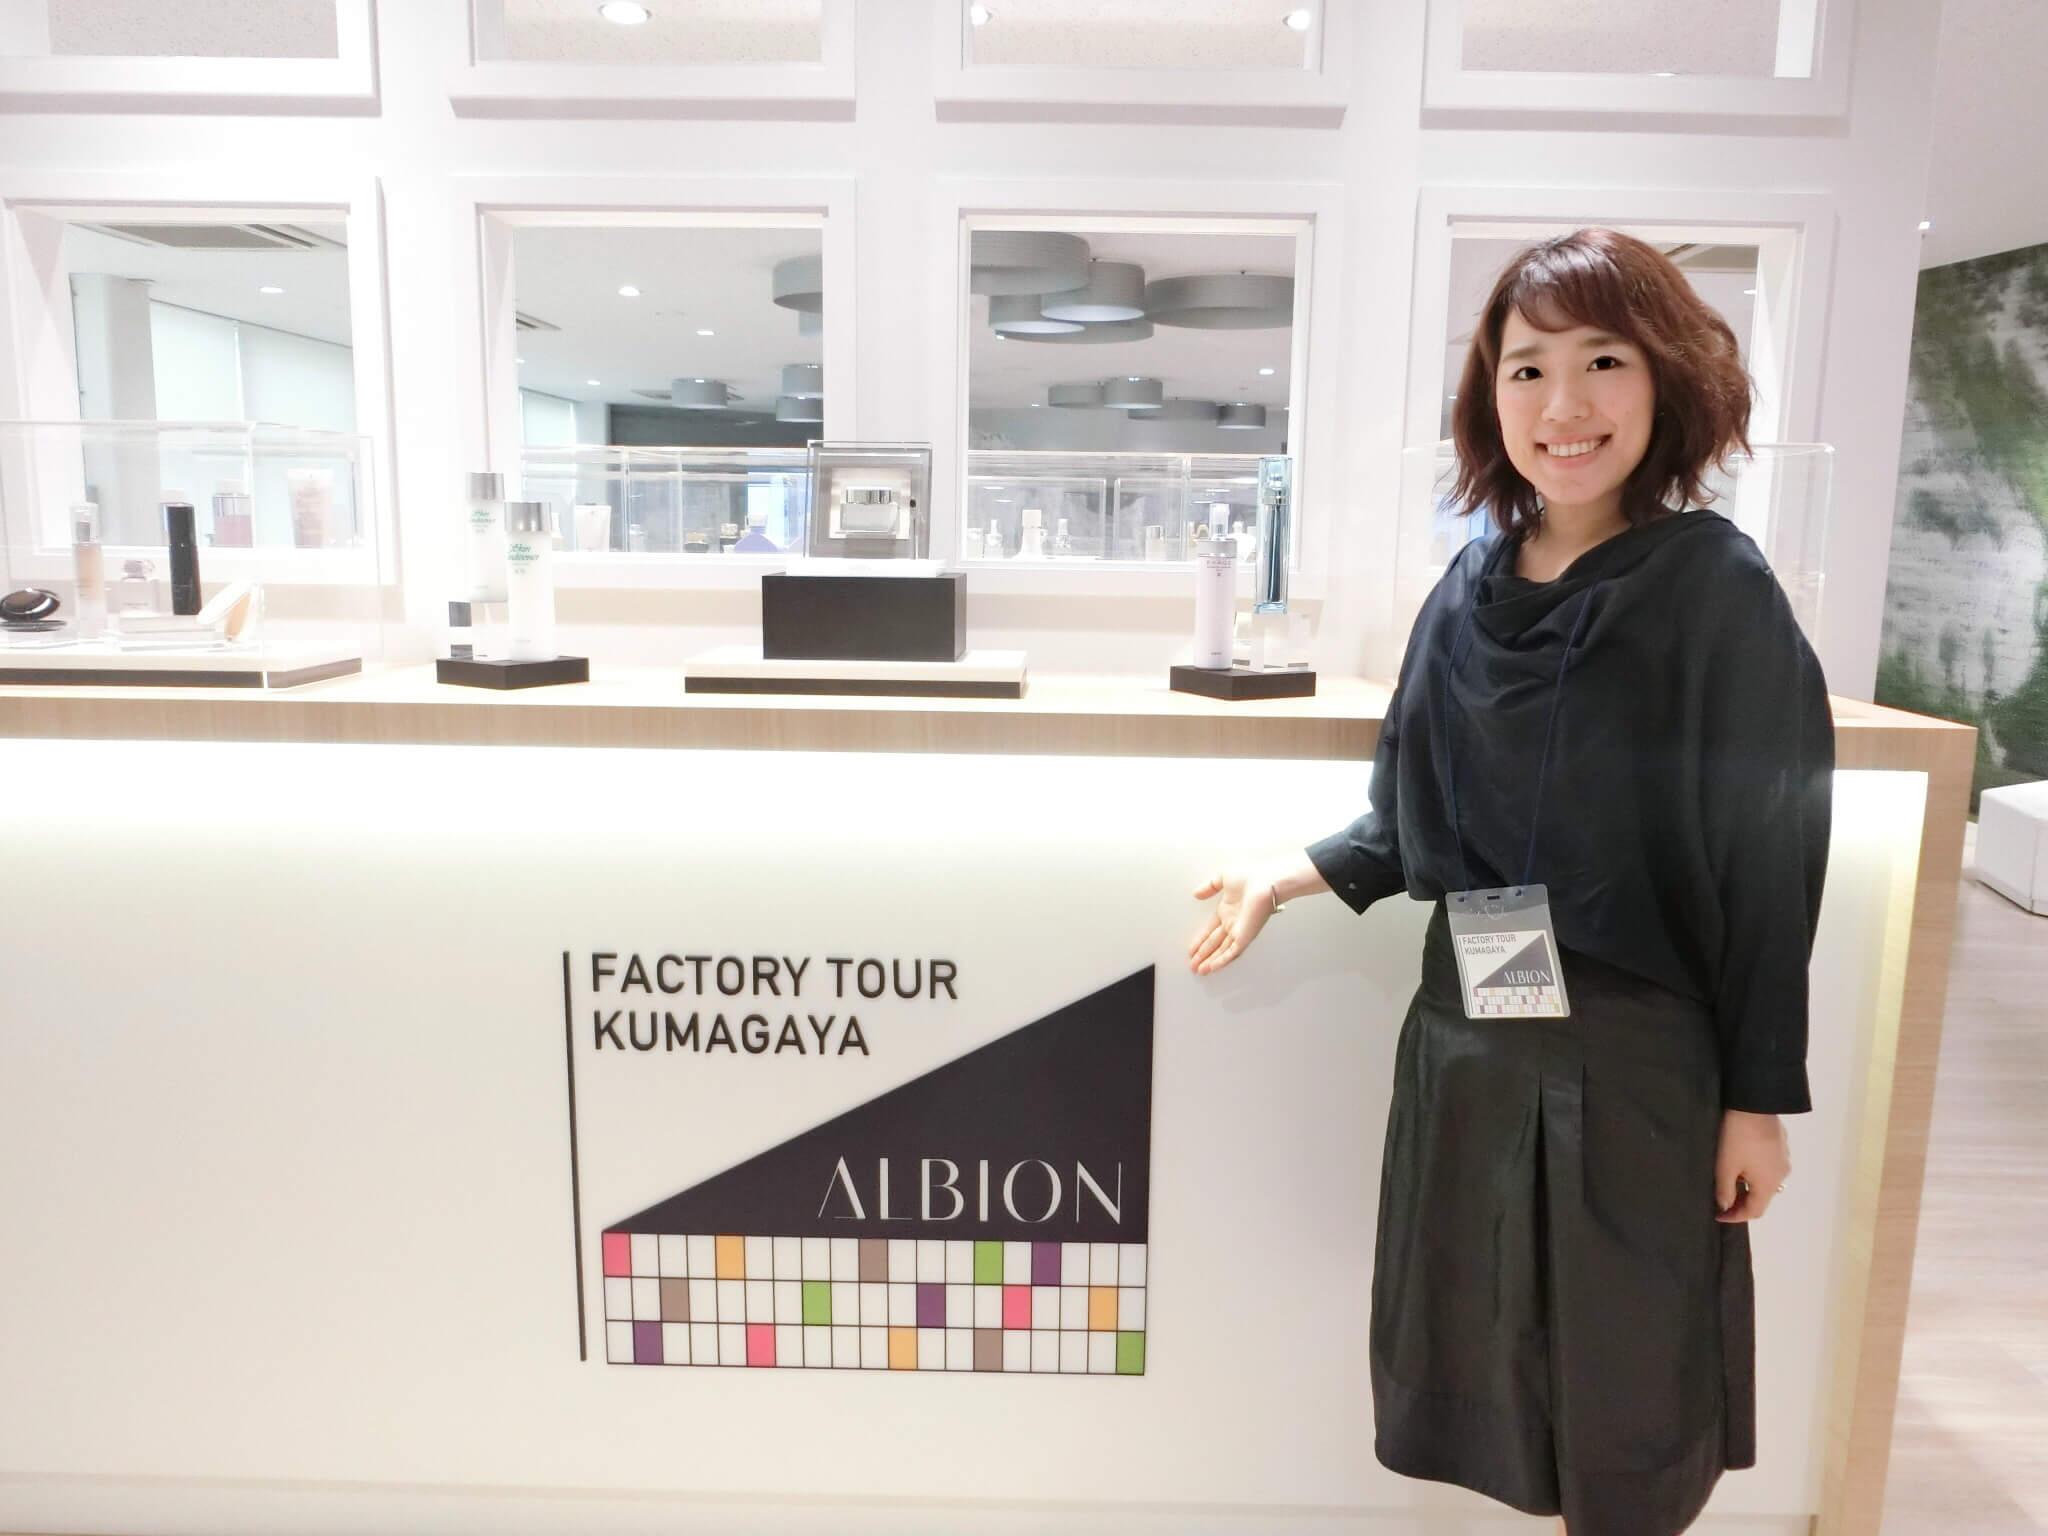 アルビオン熊谷工場見学ツアーに参加!生産技術出身の美容家視点で。